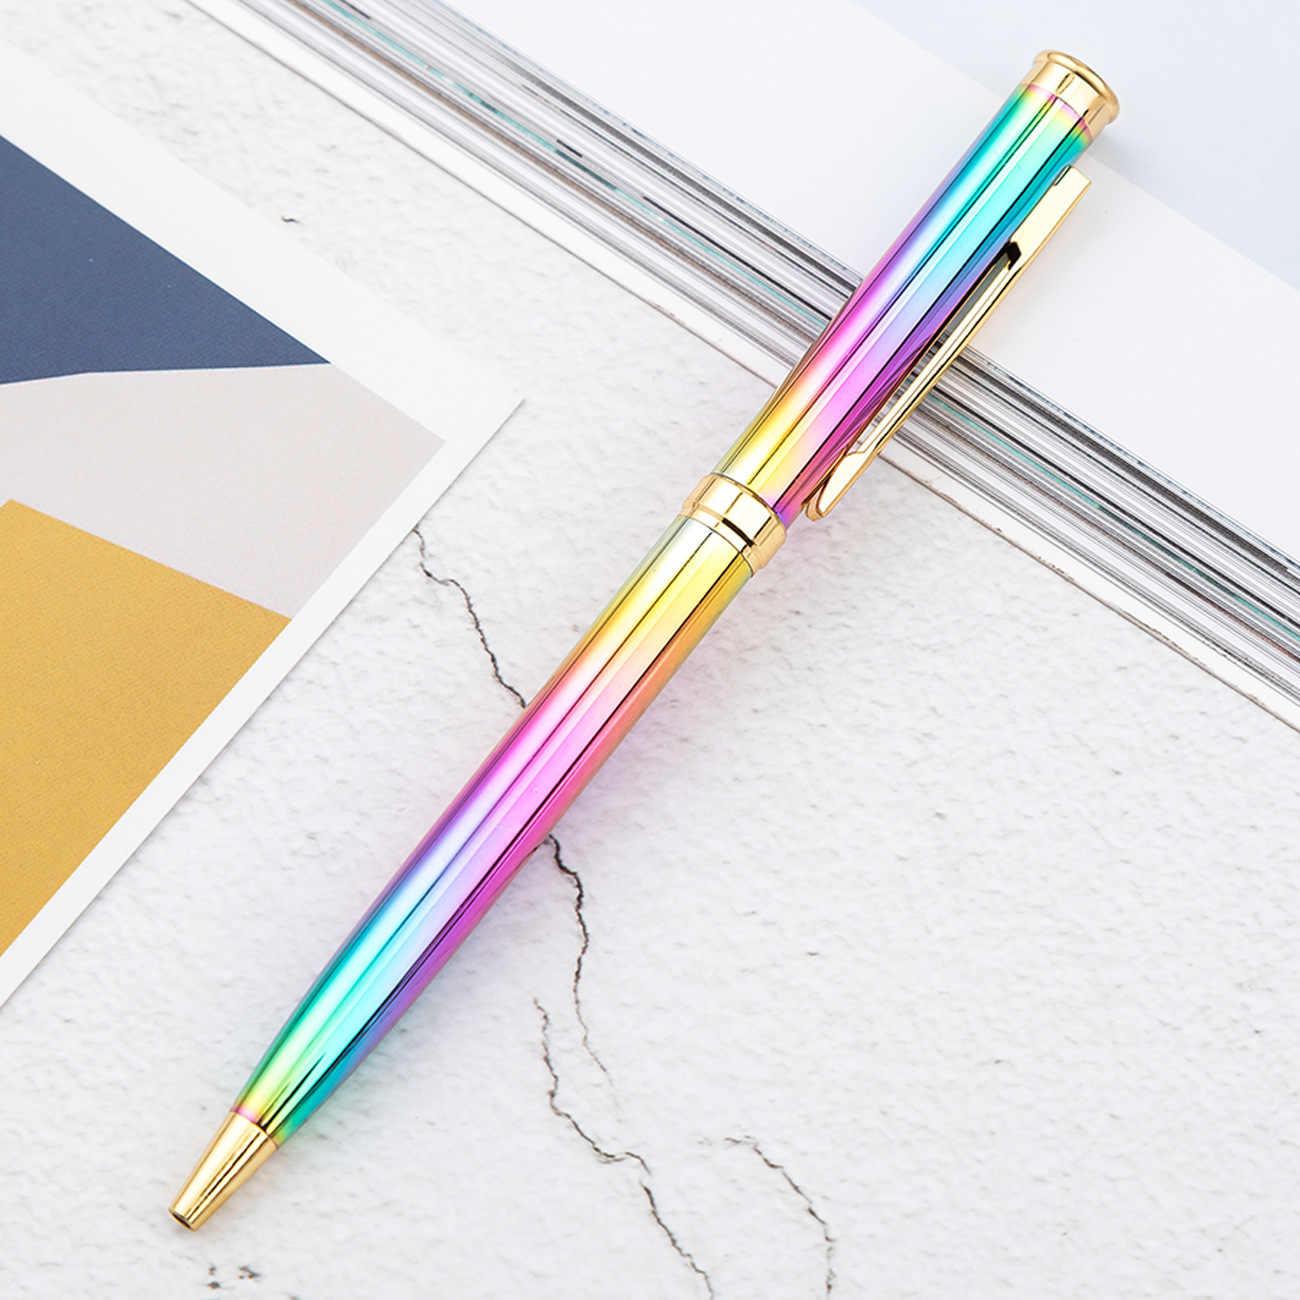 1Pcs 무지개 다채로운 펜 금속 볼펜 총알 1.0mm 펜촉 리필 사무실 쓰기 펜 롤러 볼 펜 사무실 학교 용품